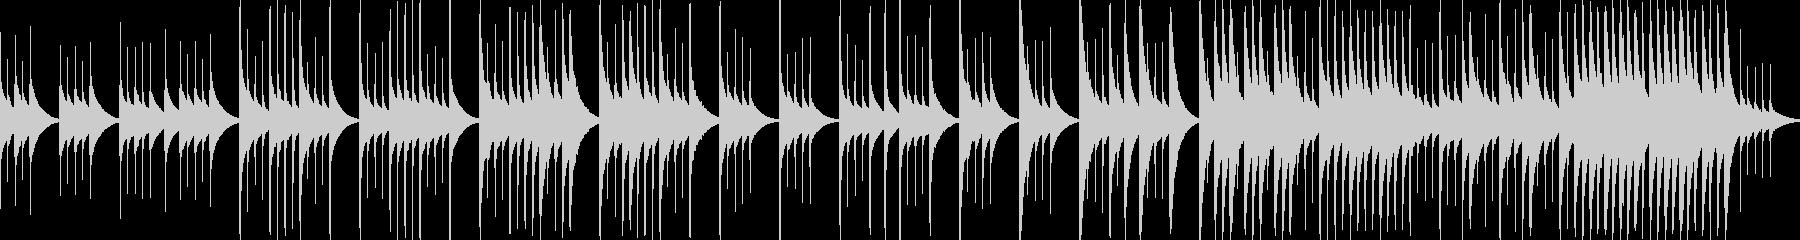 オルゴールで悲しい曲、別れ(ループ)の未再生の波形